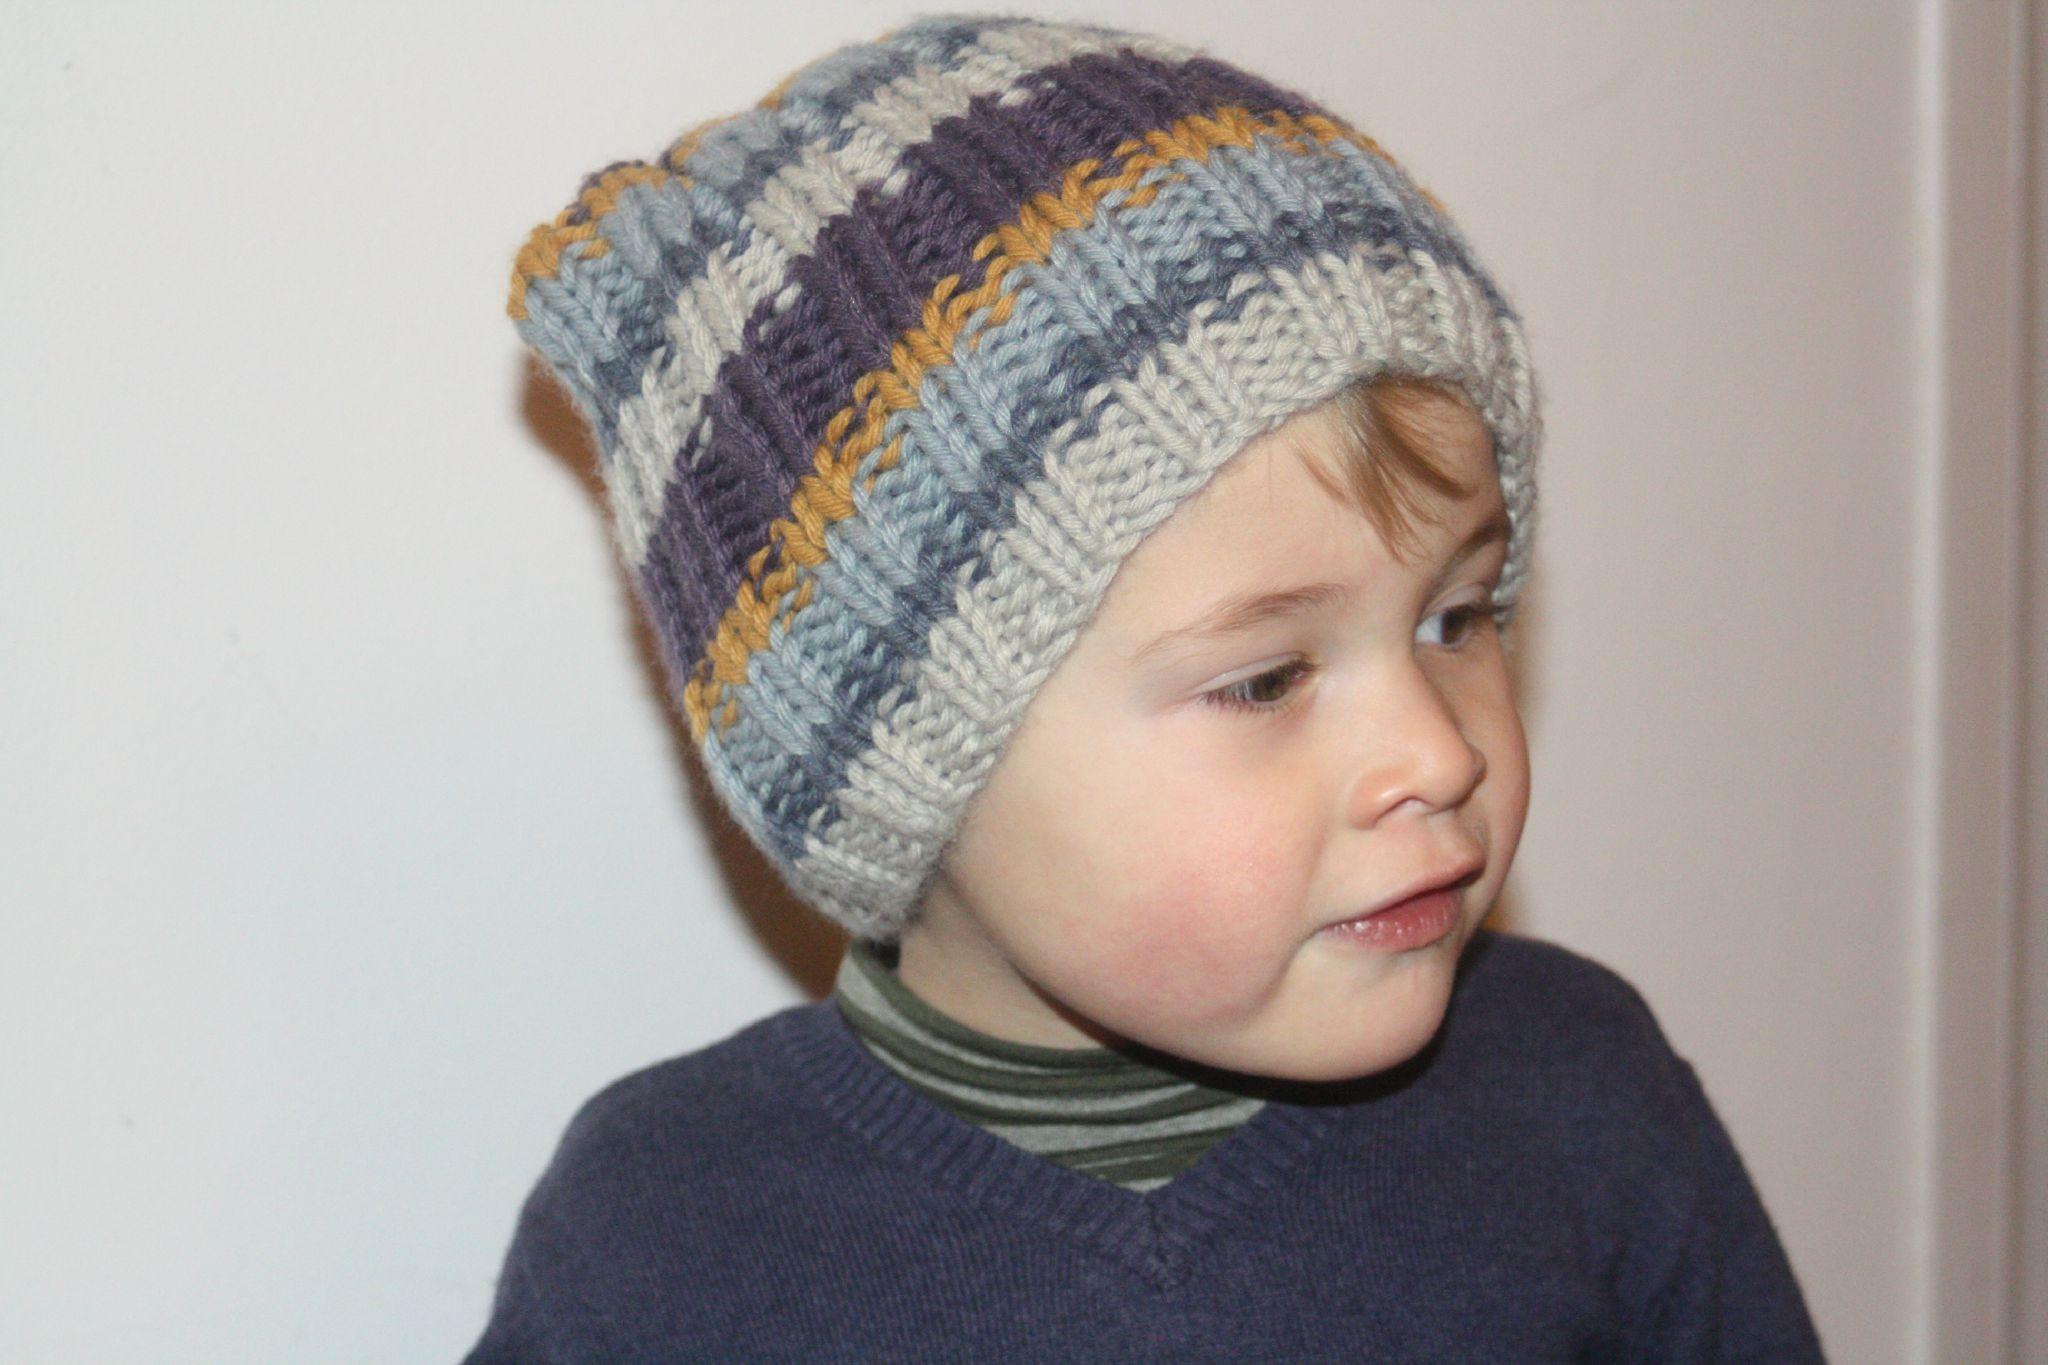 231efd73c7e0 Tricoter un bonnet garcon 2 ans - Idées de tricot gratuit